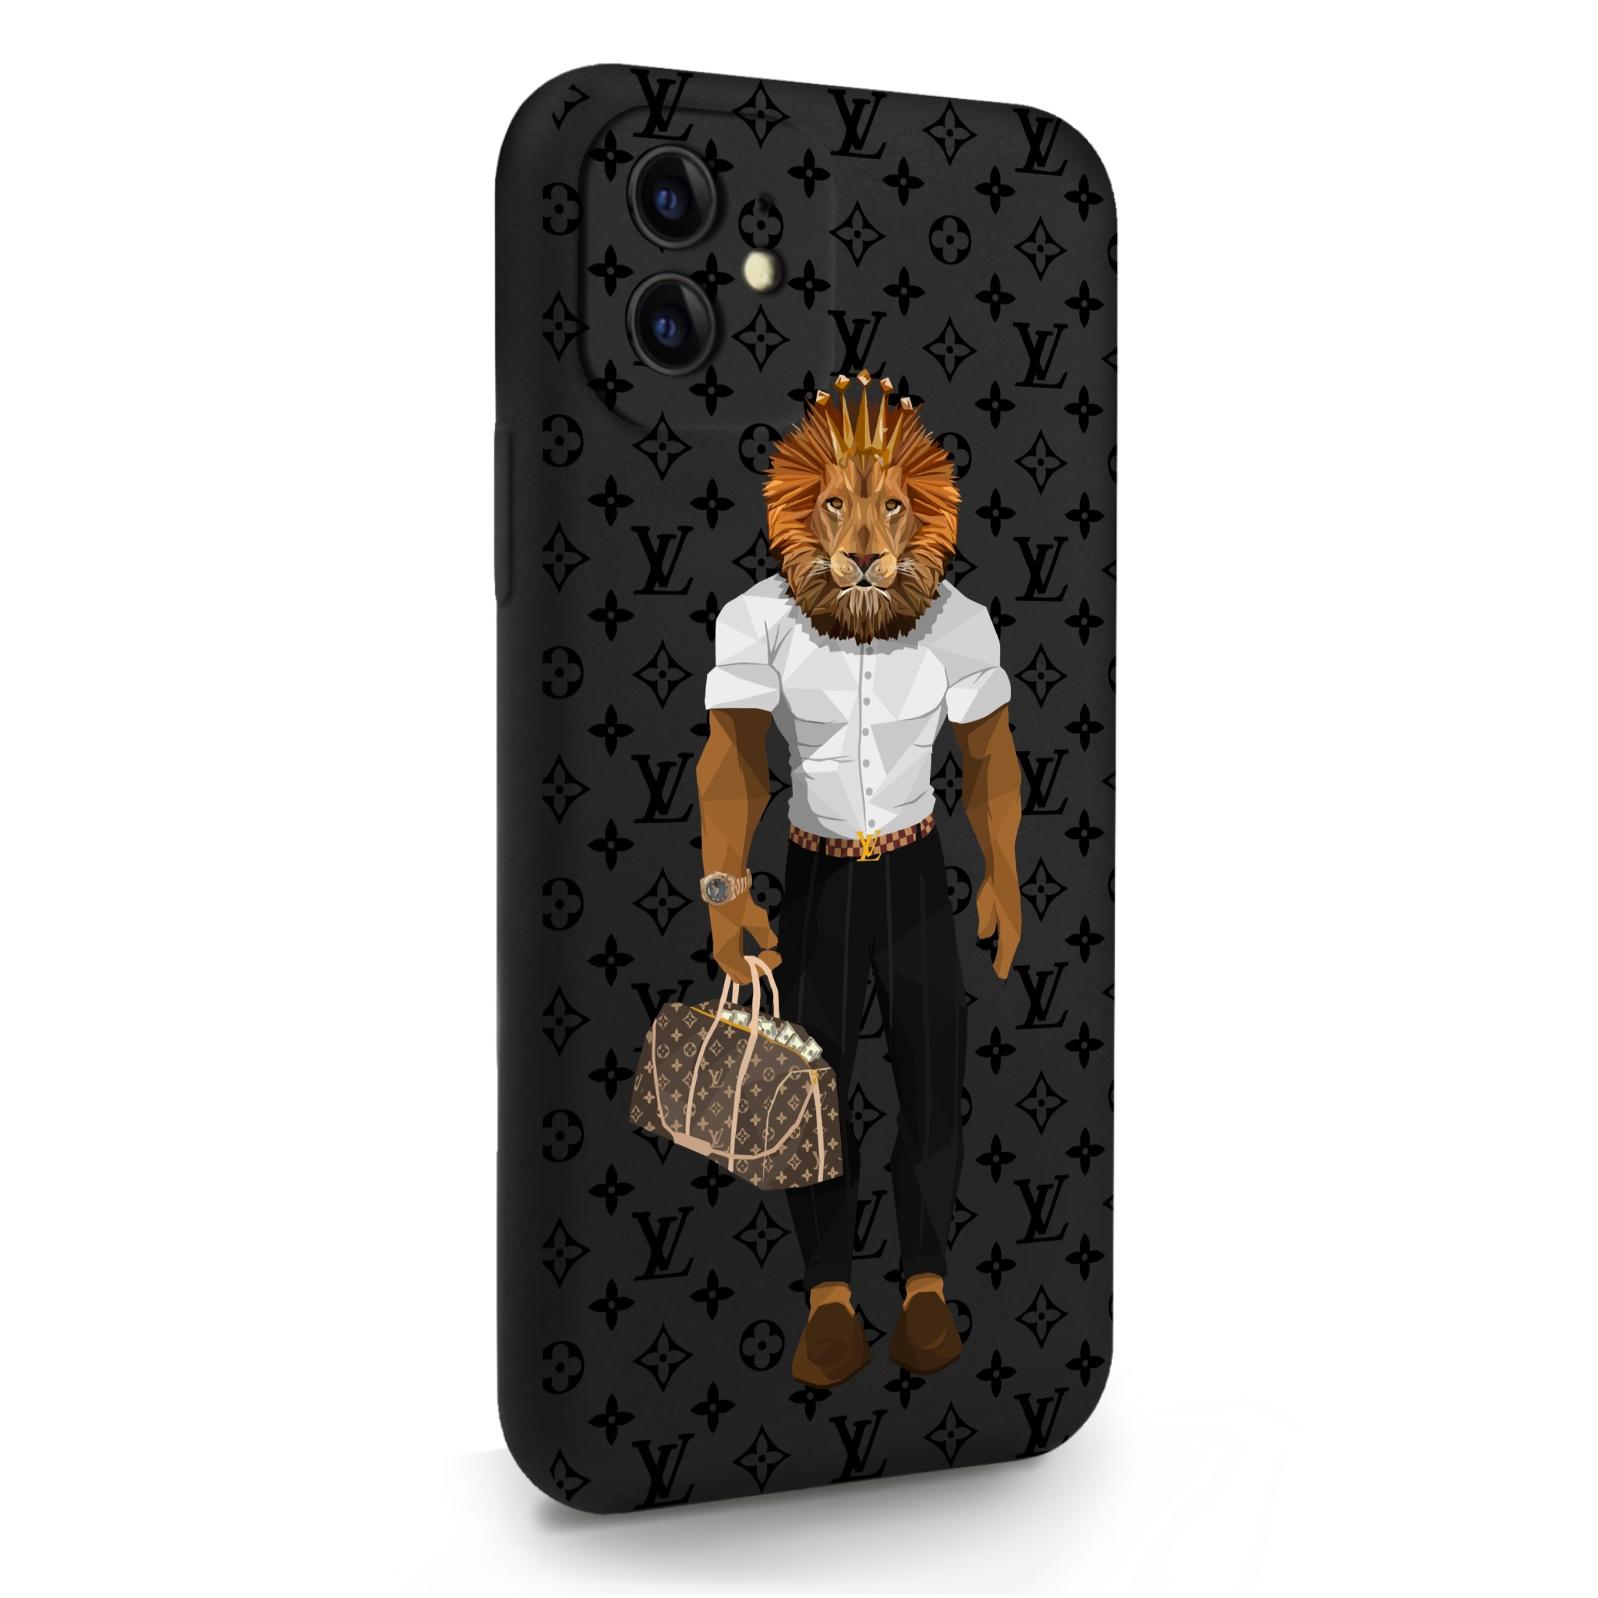 Черный силиконовый чехол для iPhone 11 LV Lion для Айфон 11